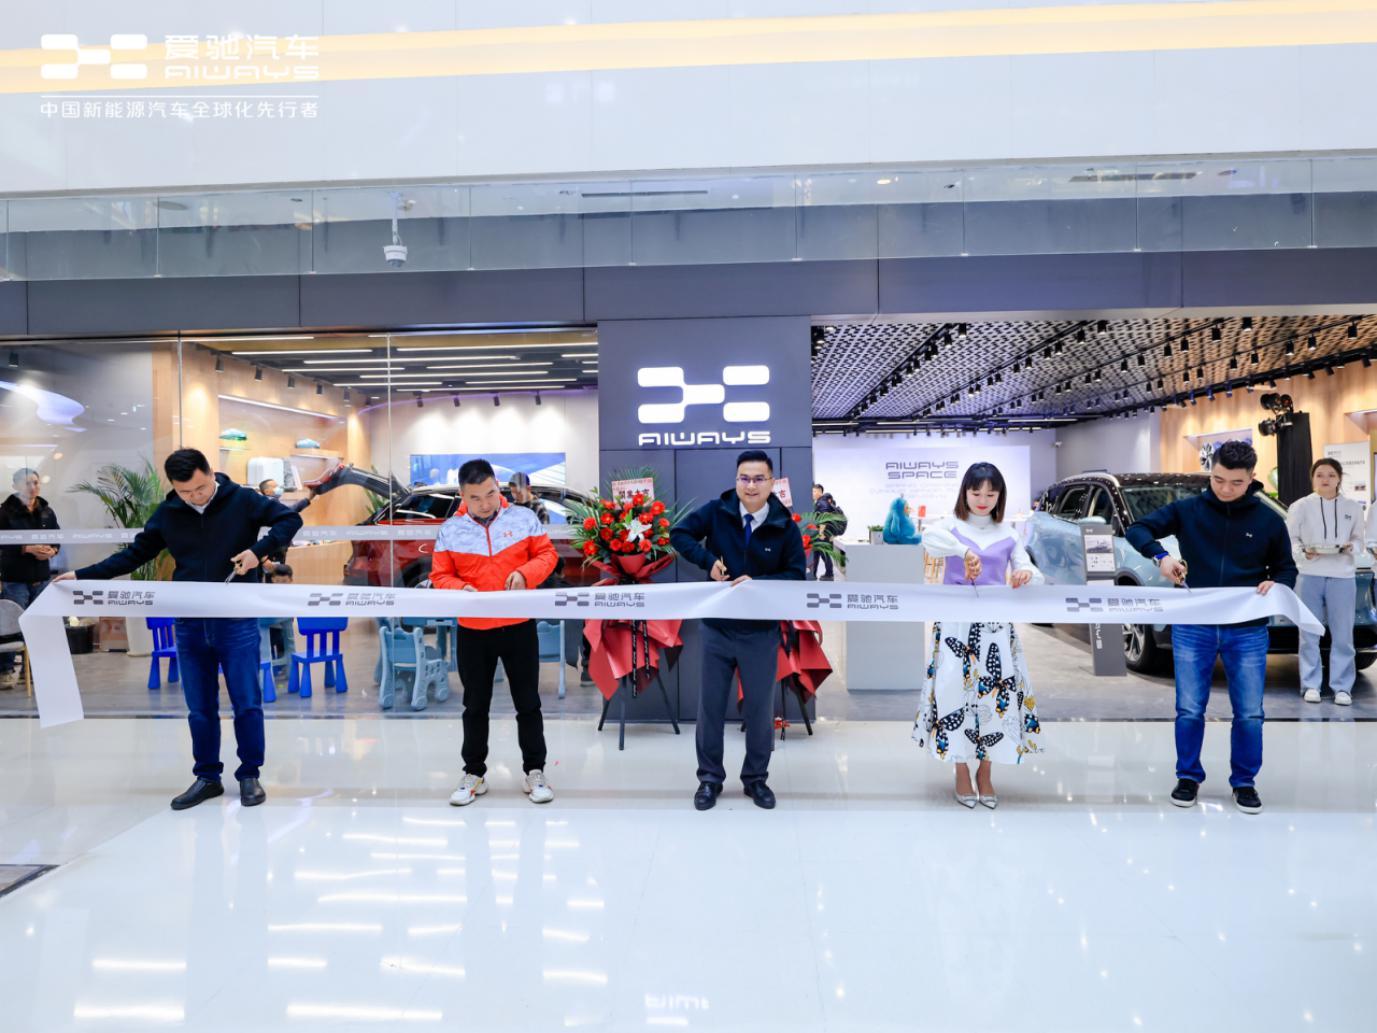 落子西南市场迈出关键一步,爱驰汽车成都锦华万达体验中心开业